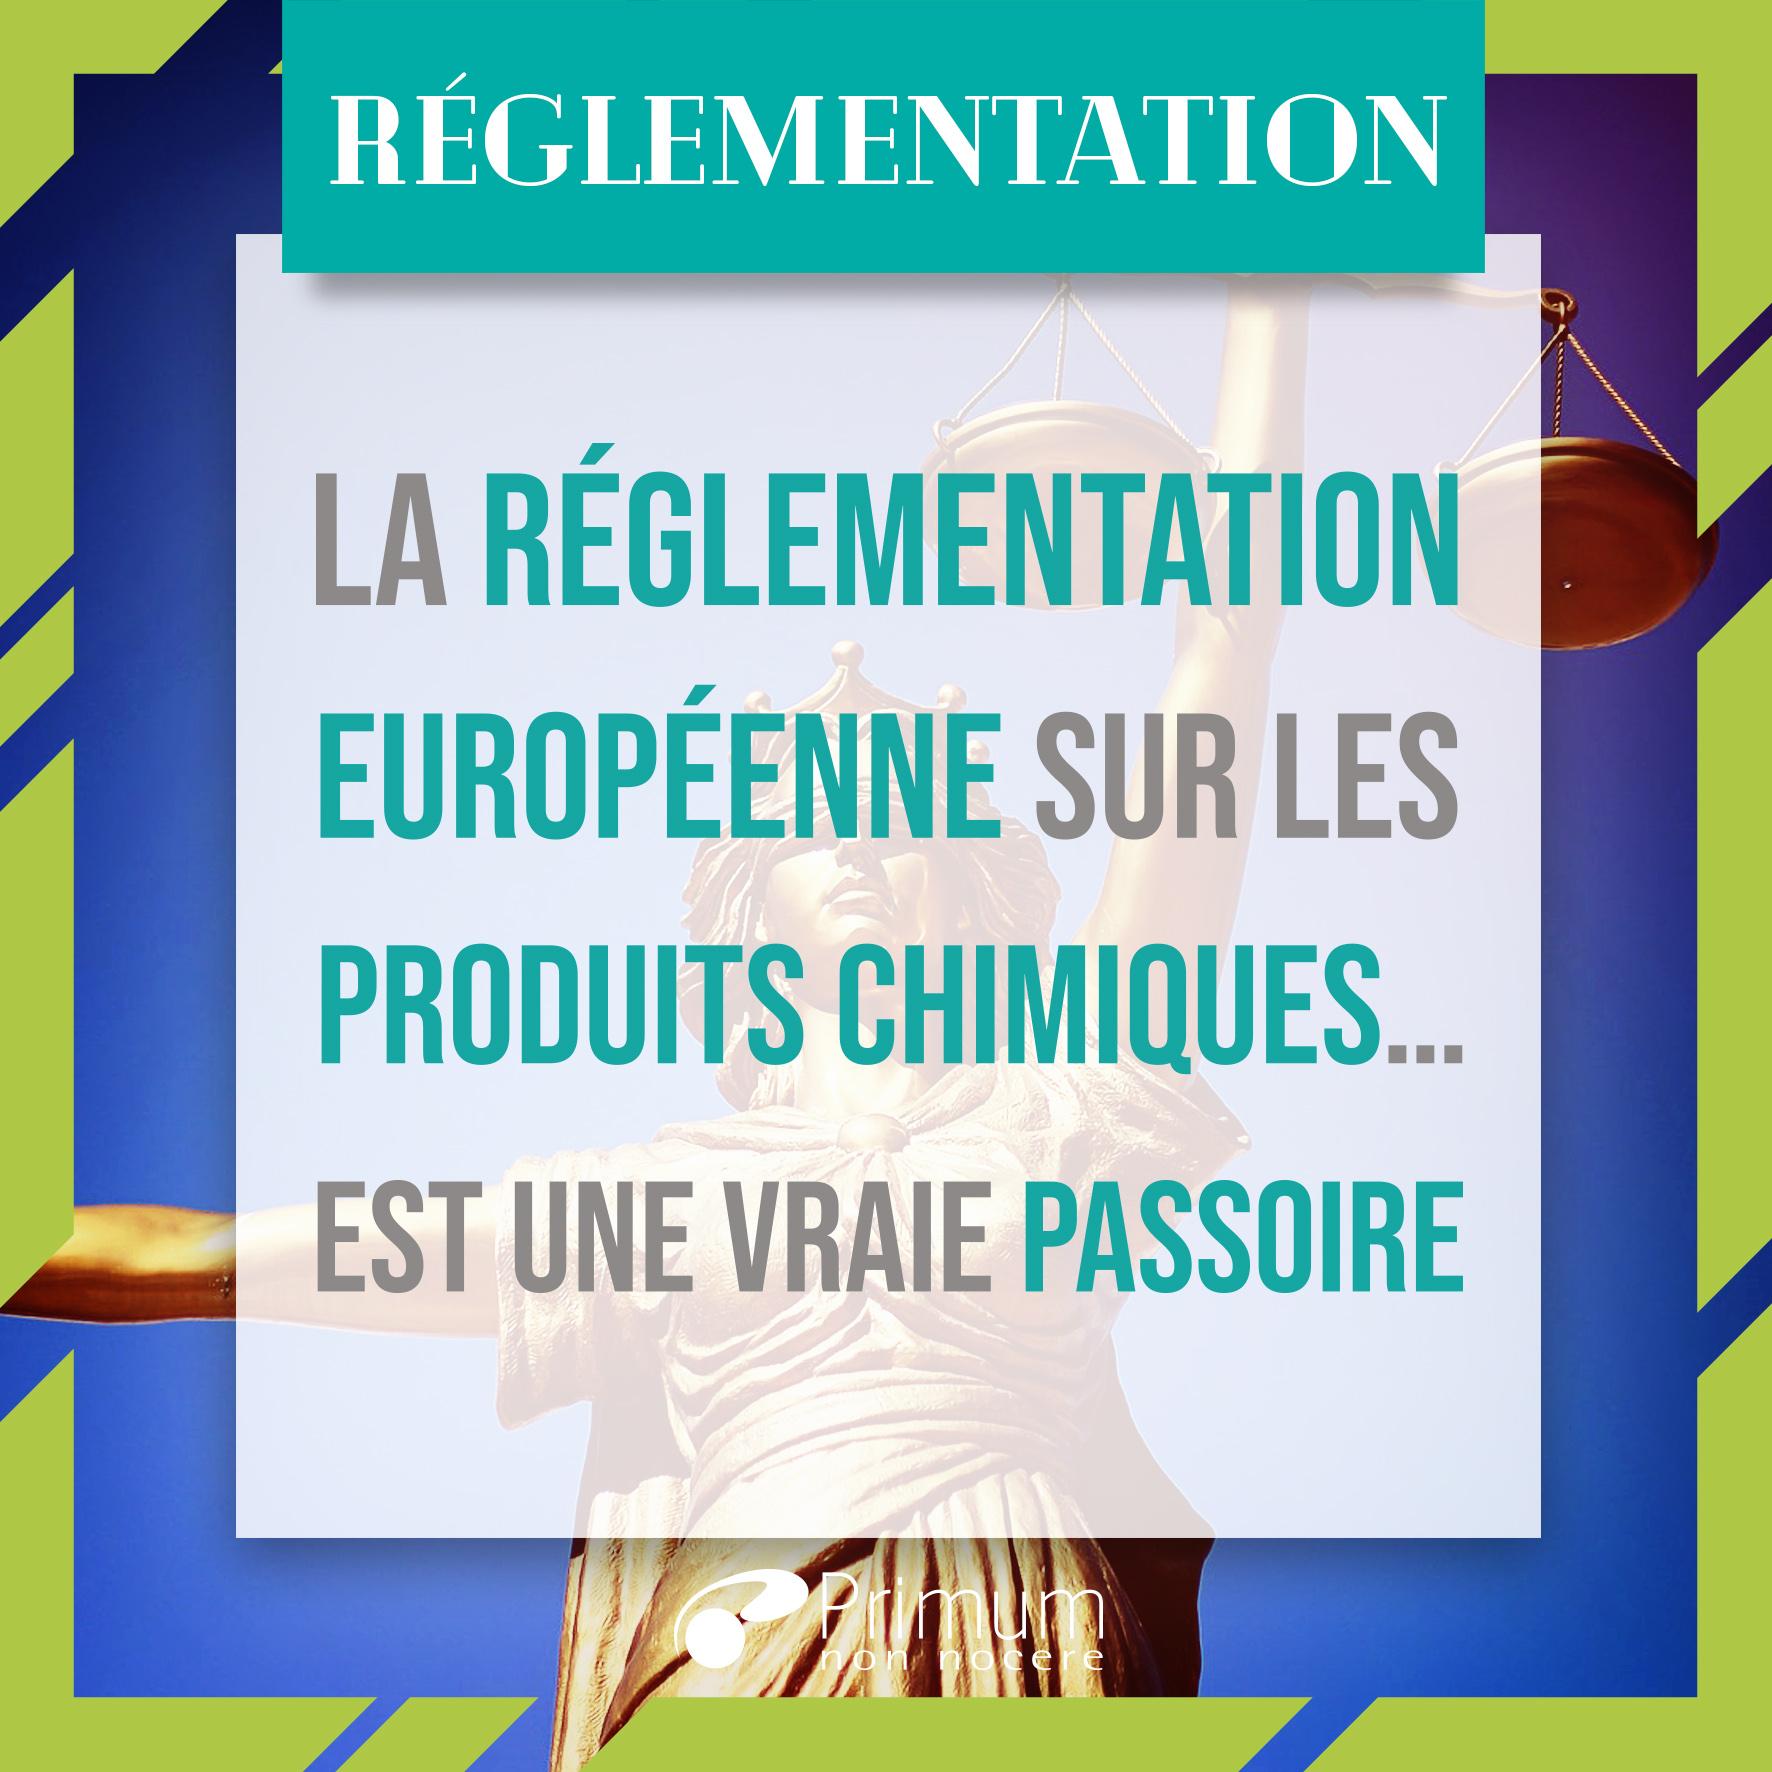 La réglementation européenne sur les produits chimiques… est une vraie passoire